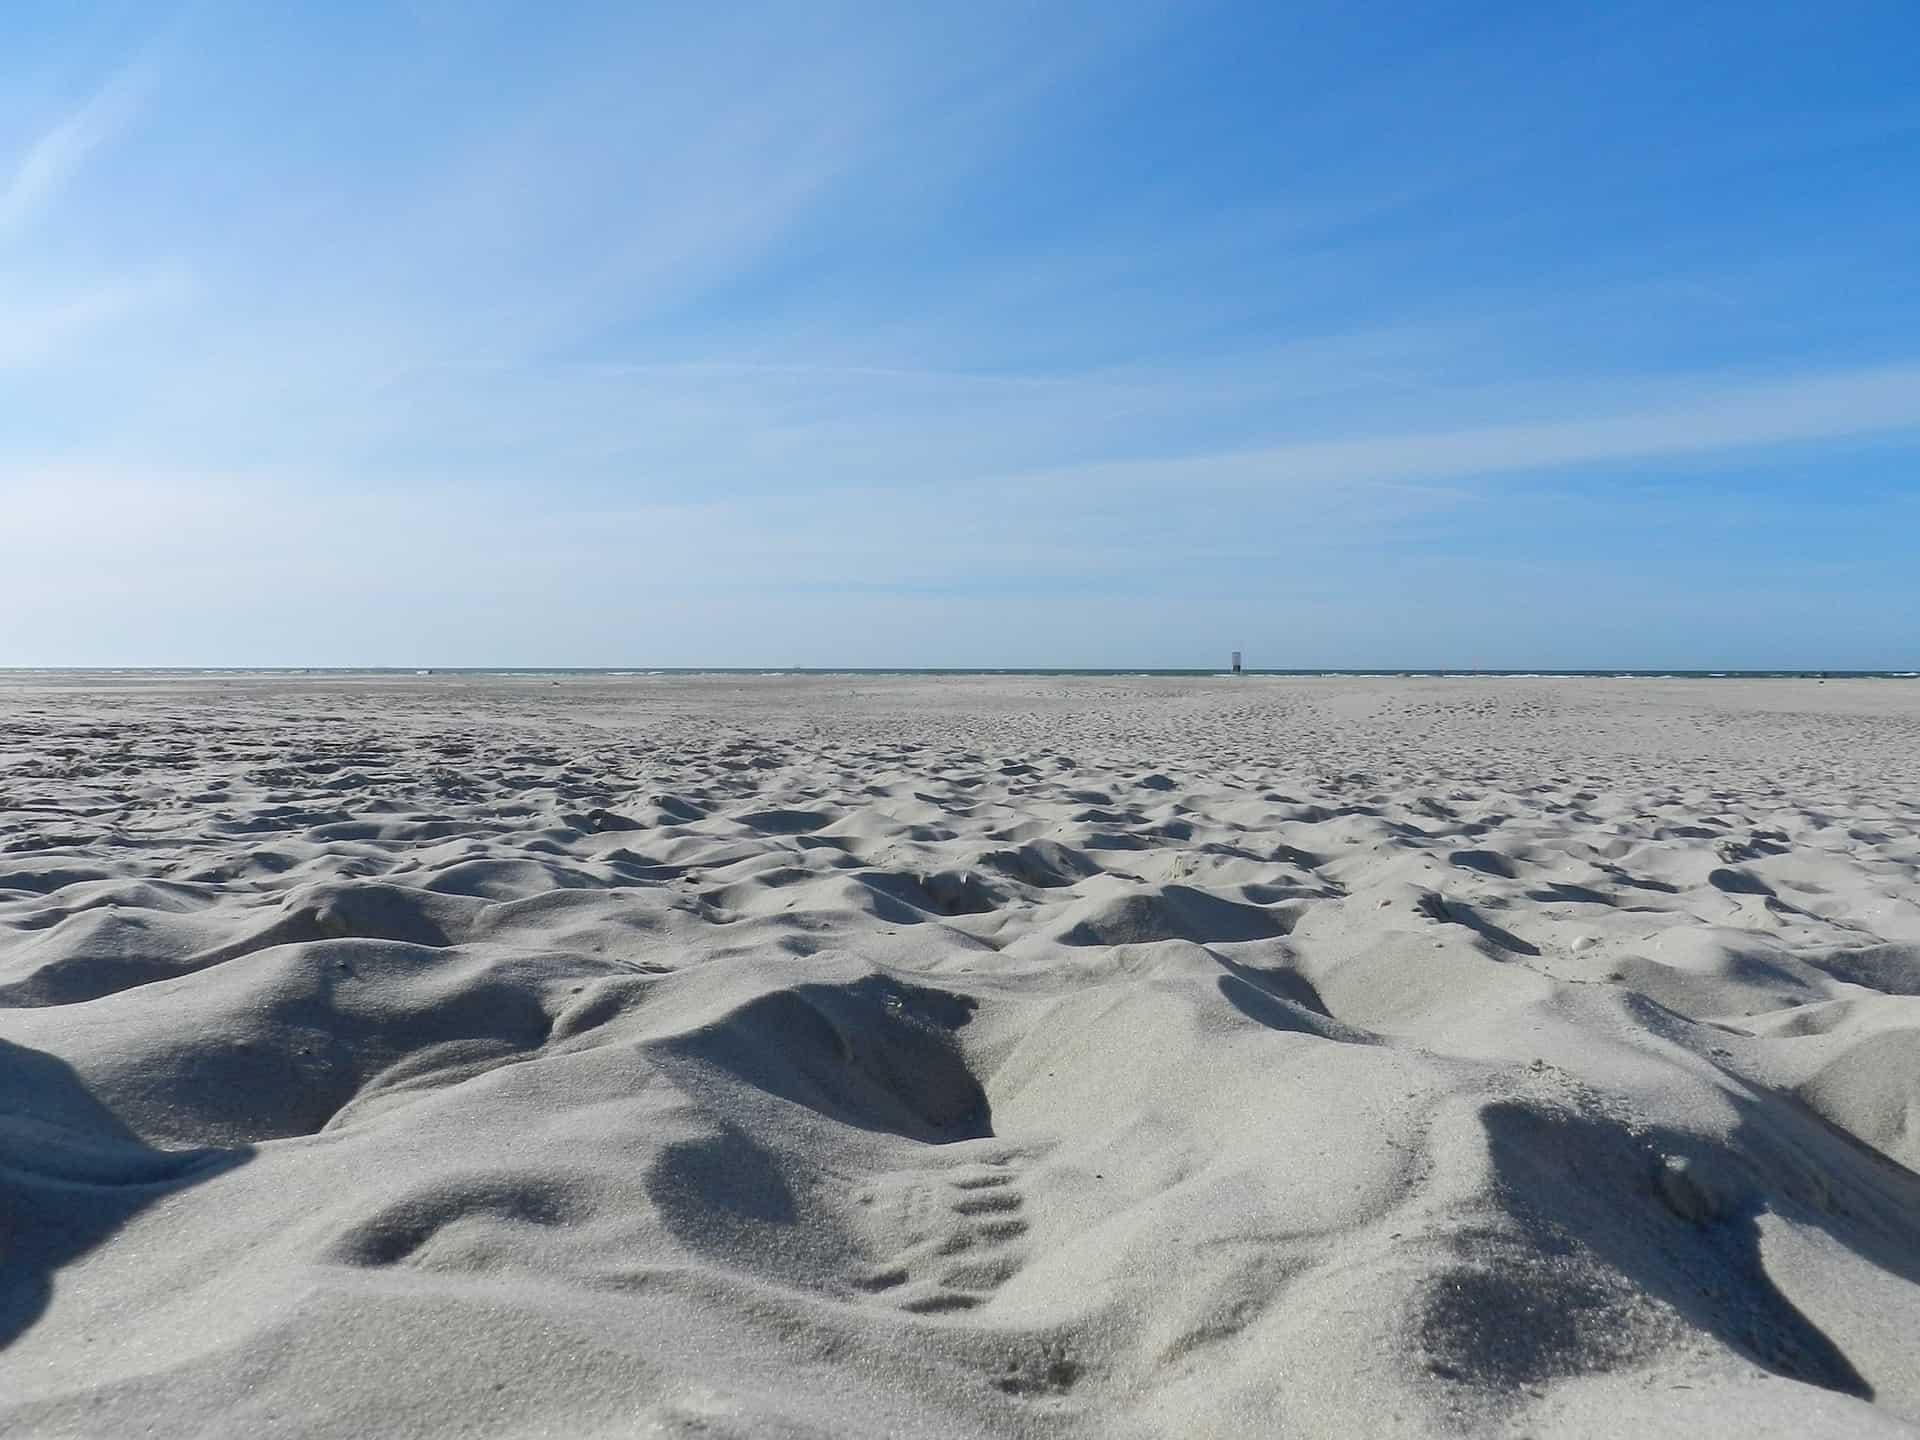 Juist Urlaub auf der Nordsee Insel - 4 Sterne ab 45,00€ die Nacht 1